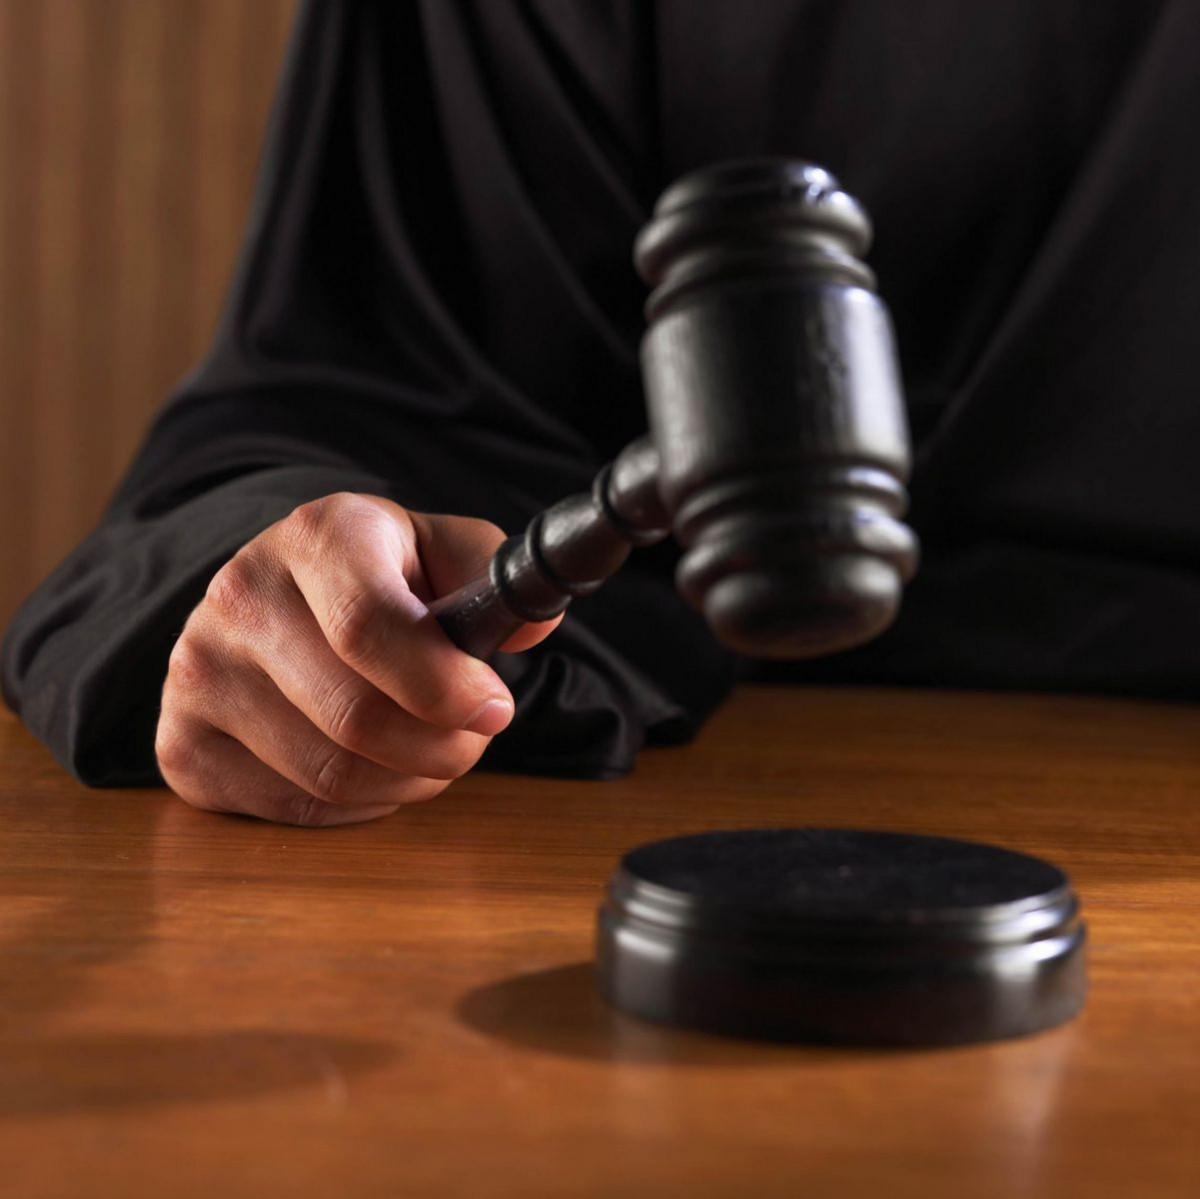 Осужден кузбассовец, надругавшийся над несовершеннолетней дочерью сожительницы